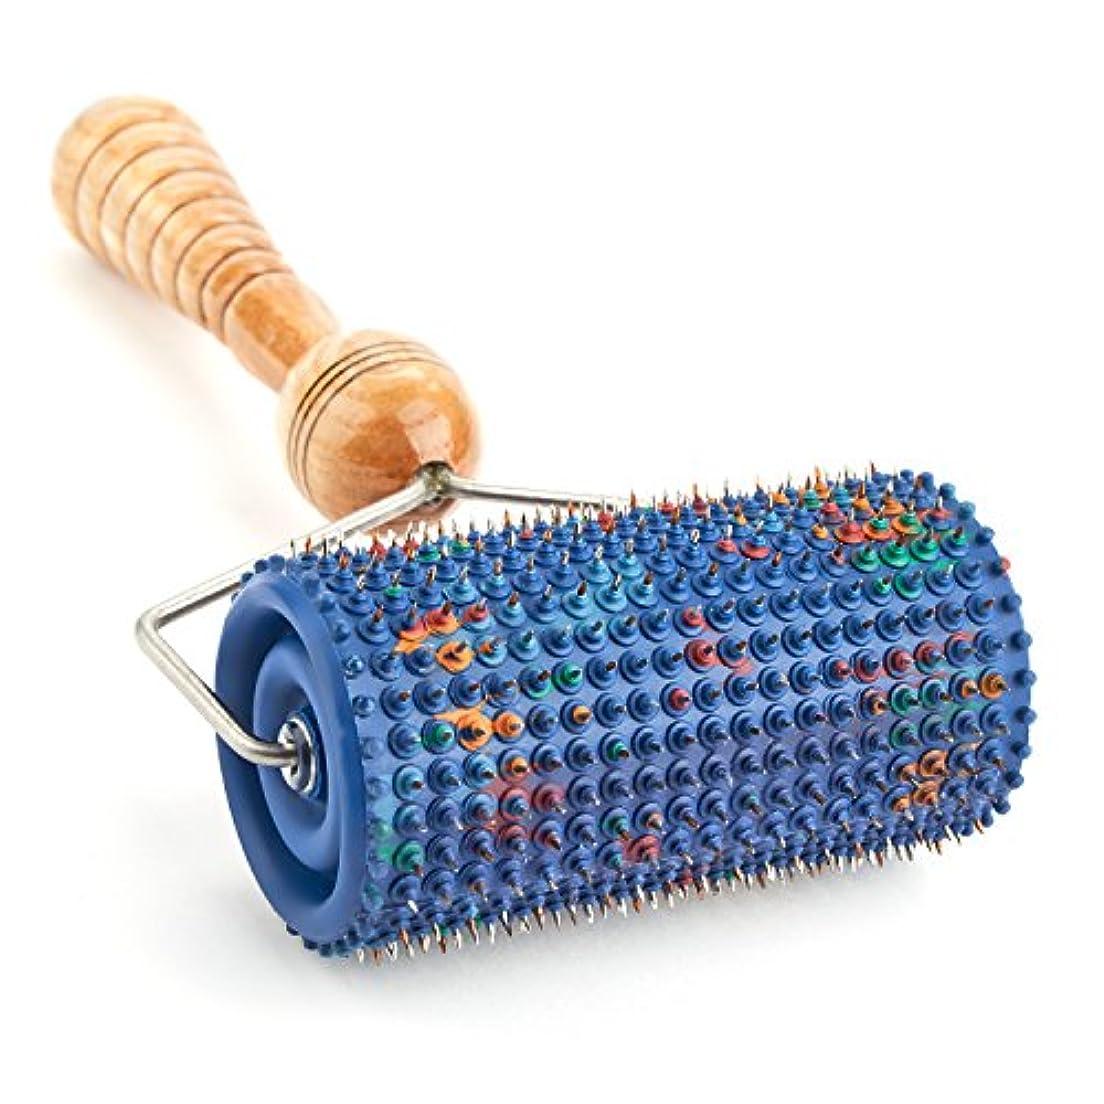 政治家フェード外科医LYAPKOビッグローラーマッサージャー5.0 シルバーコーティング 指圧570針使用。体の広範囲のマッサージ用。ユニークなアプリケーター治療 セルフ ダイナミック マッサージ ツール Big Roller Massager...